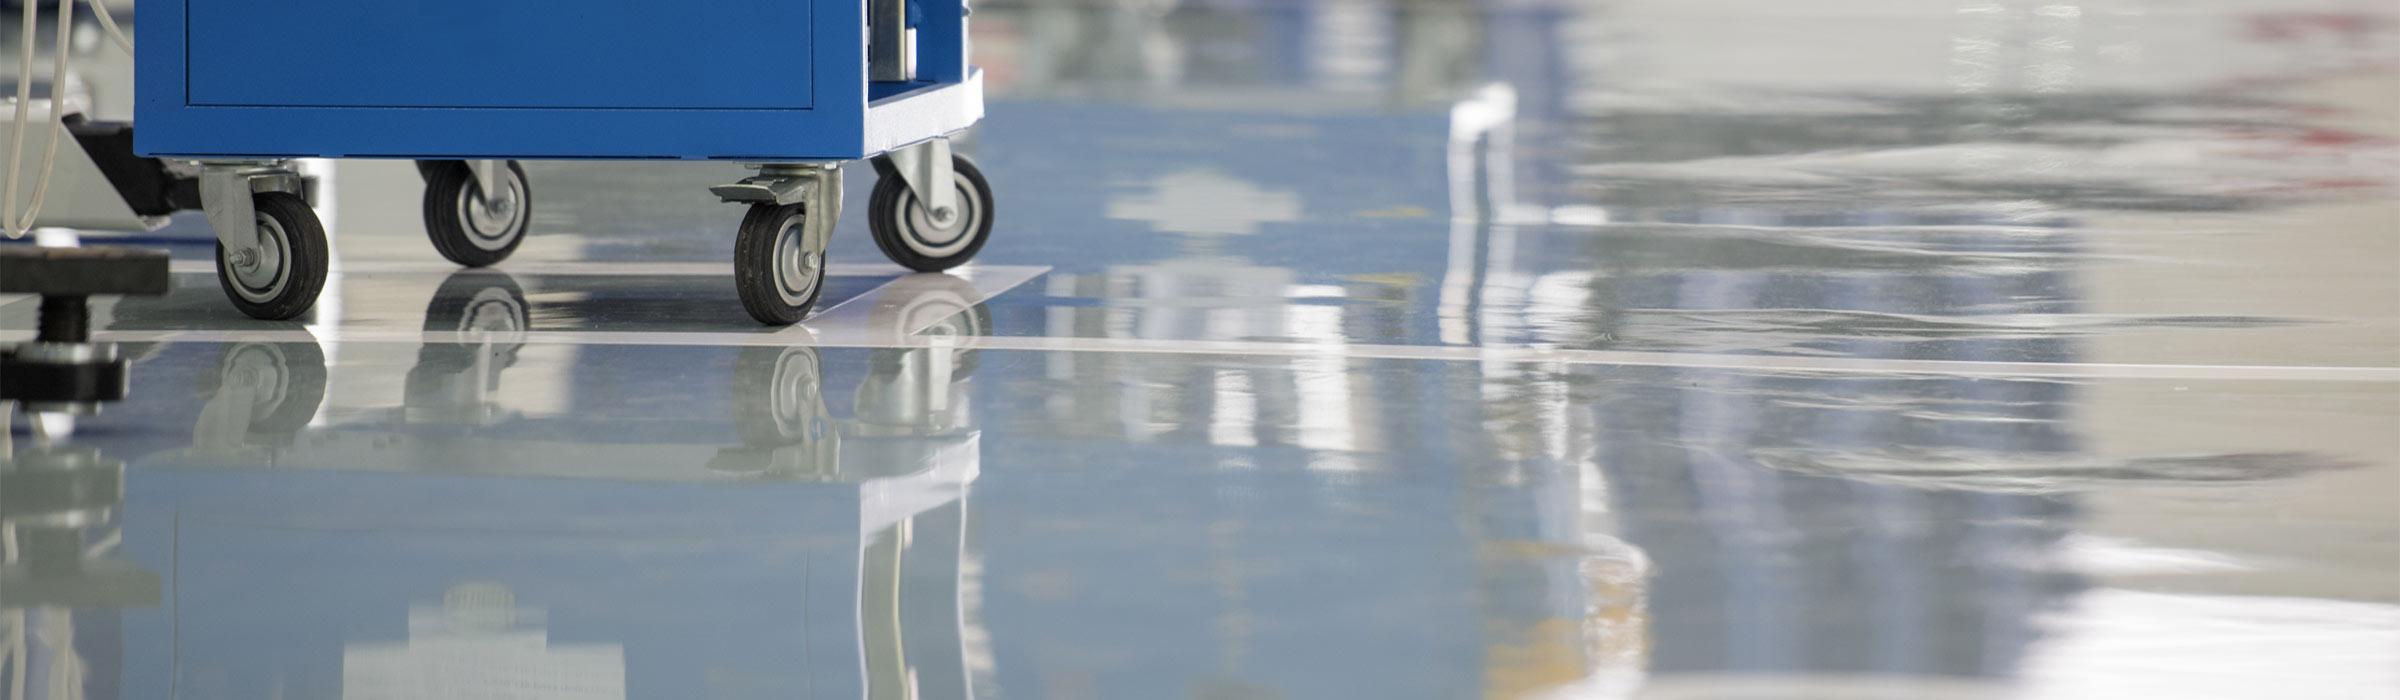 garage floor coating service